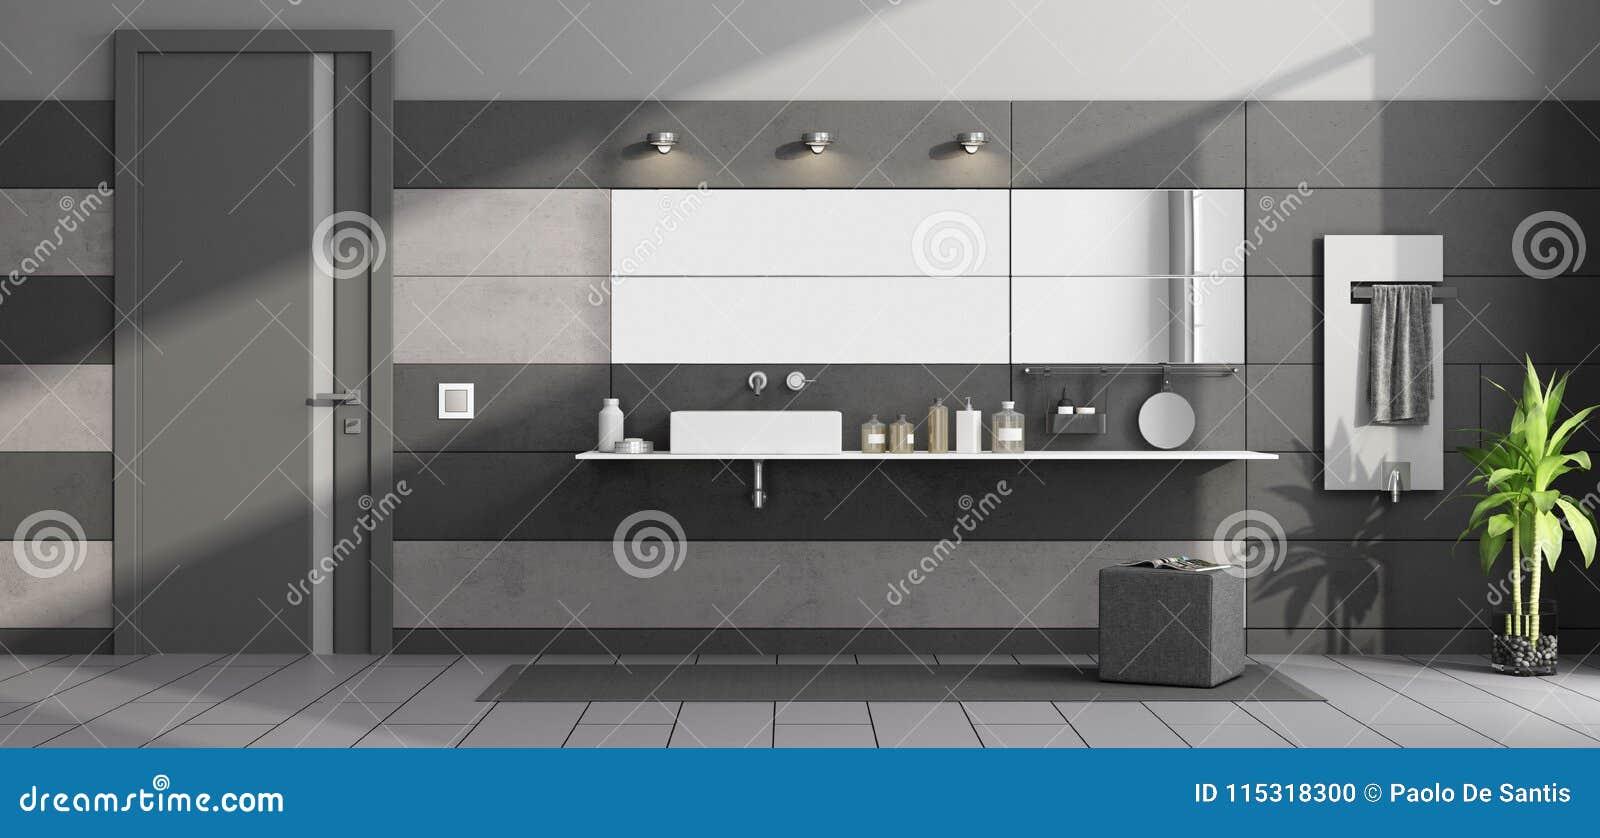 Bagno Moderno Nero E Grigio Illustrazione di Stock - Illustrazione ...